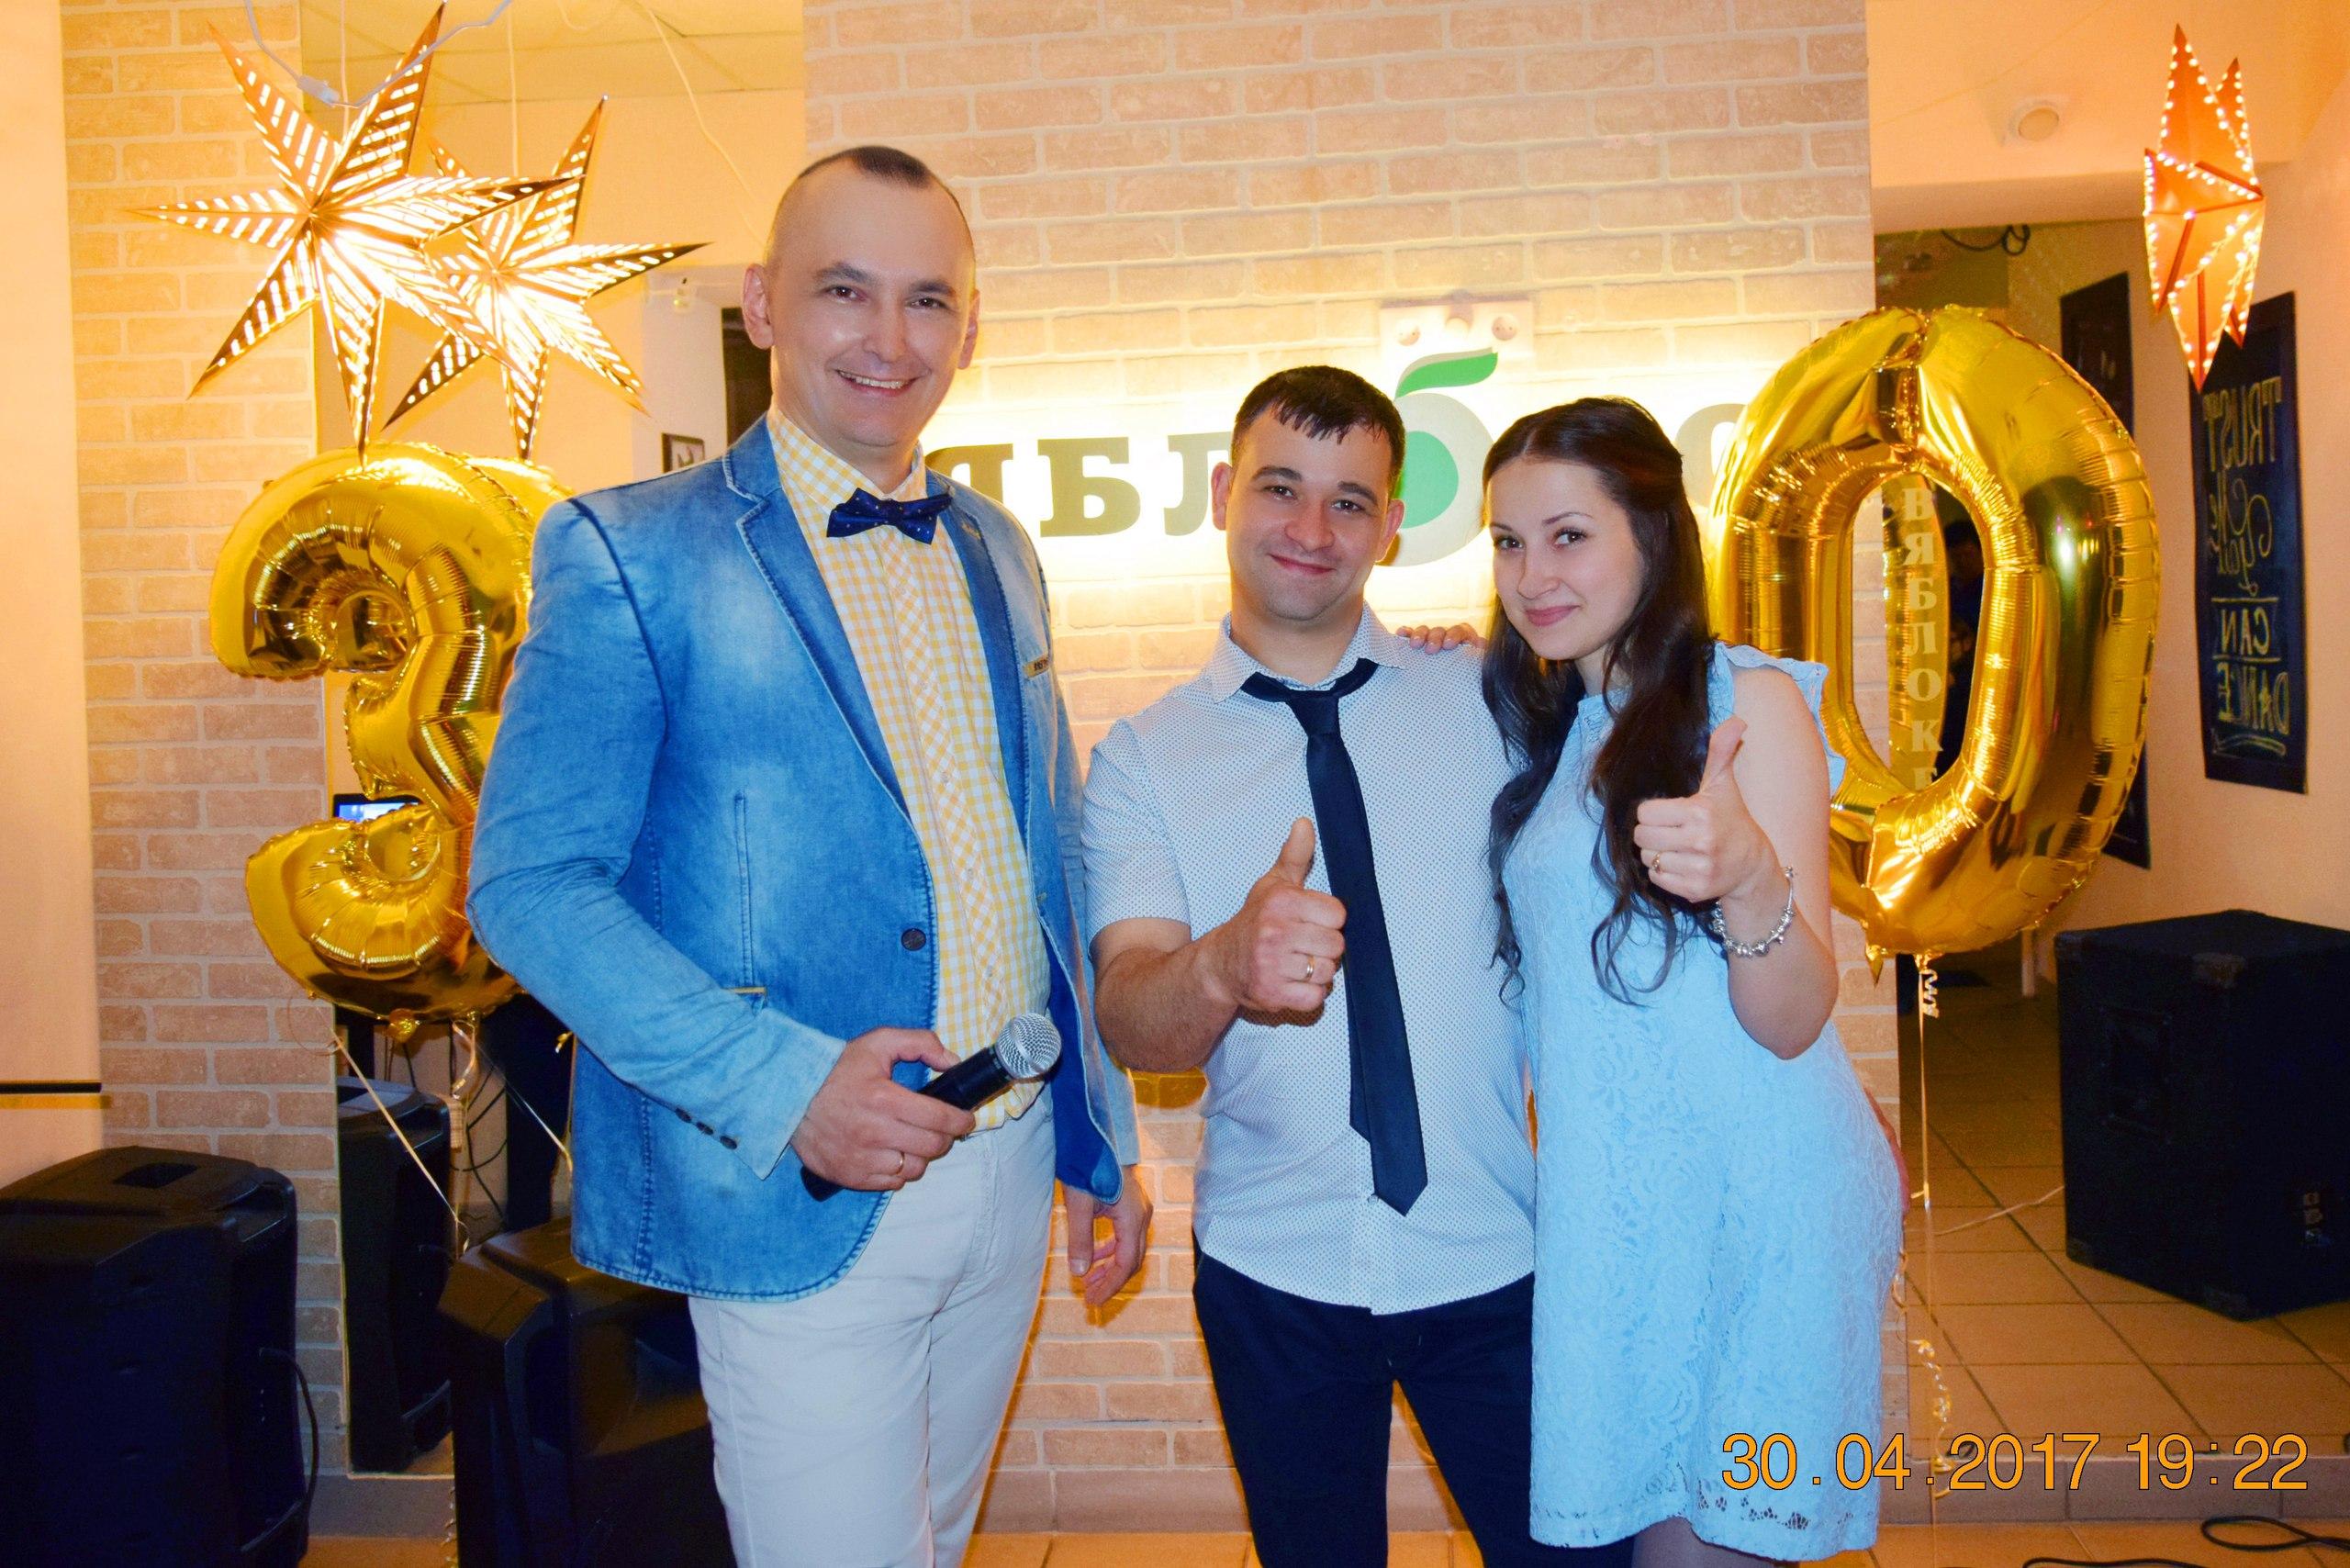 День рождения Евгения. 30 апреля 2017 г. Волгоград. ресторан Яблоко. Проведение торжества в честь дня рождения Евгения.